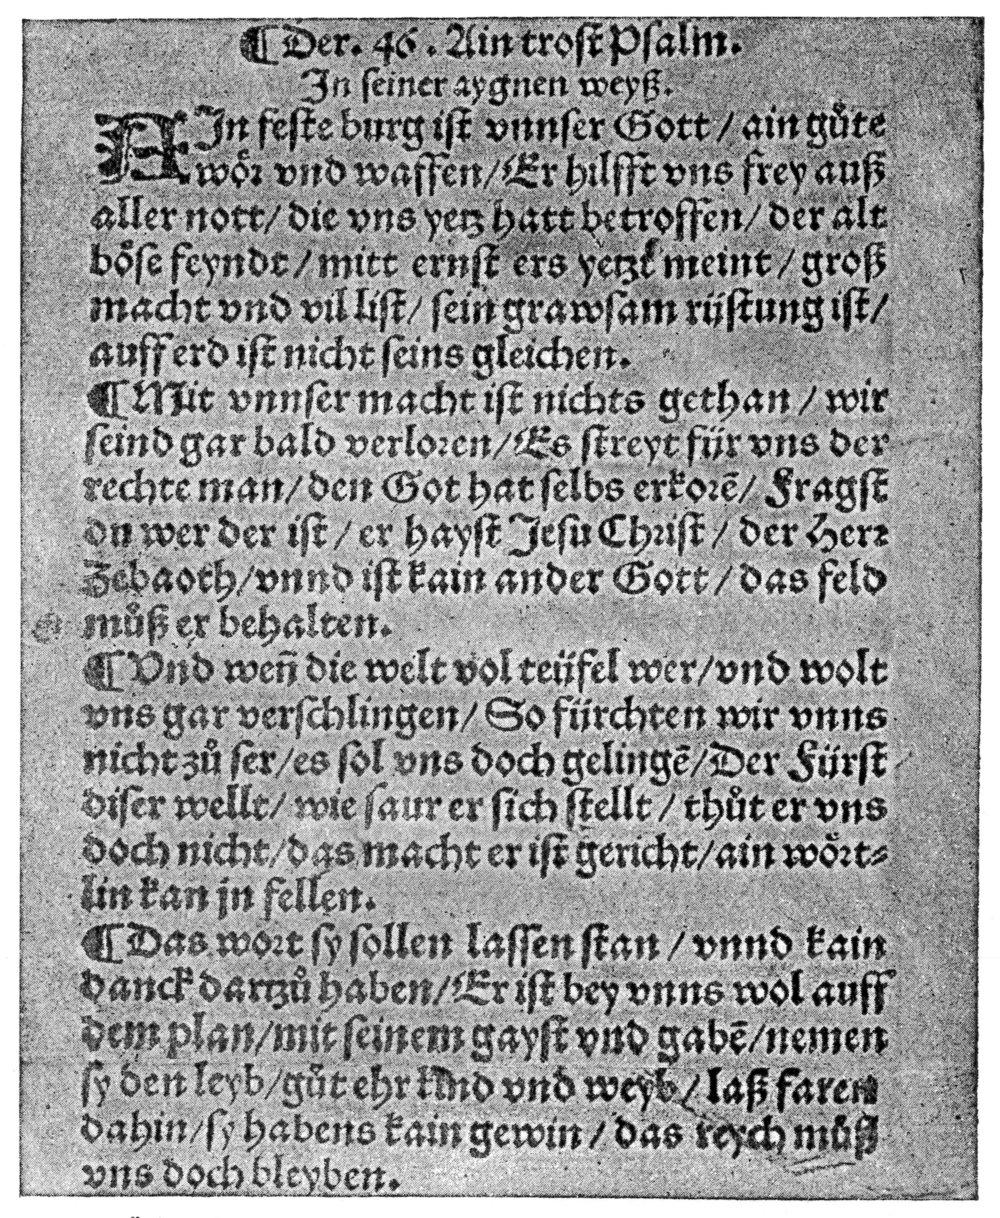 Fig. 1.  Jakob Dachser,  Form vnd Ordnung gaystlicher Gesang vnd Psalmen  (Augsburg, 1529), reprinted in Johannes Kulp,  Luthers Leben im Spiegel seiner Lieder  (Leipzig, 1935), p. 46.